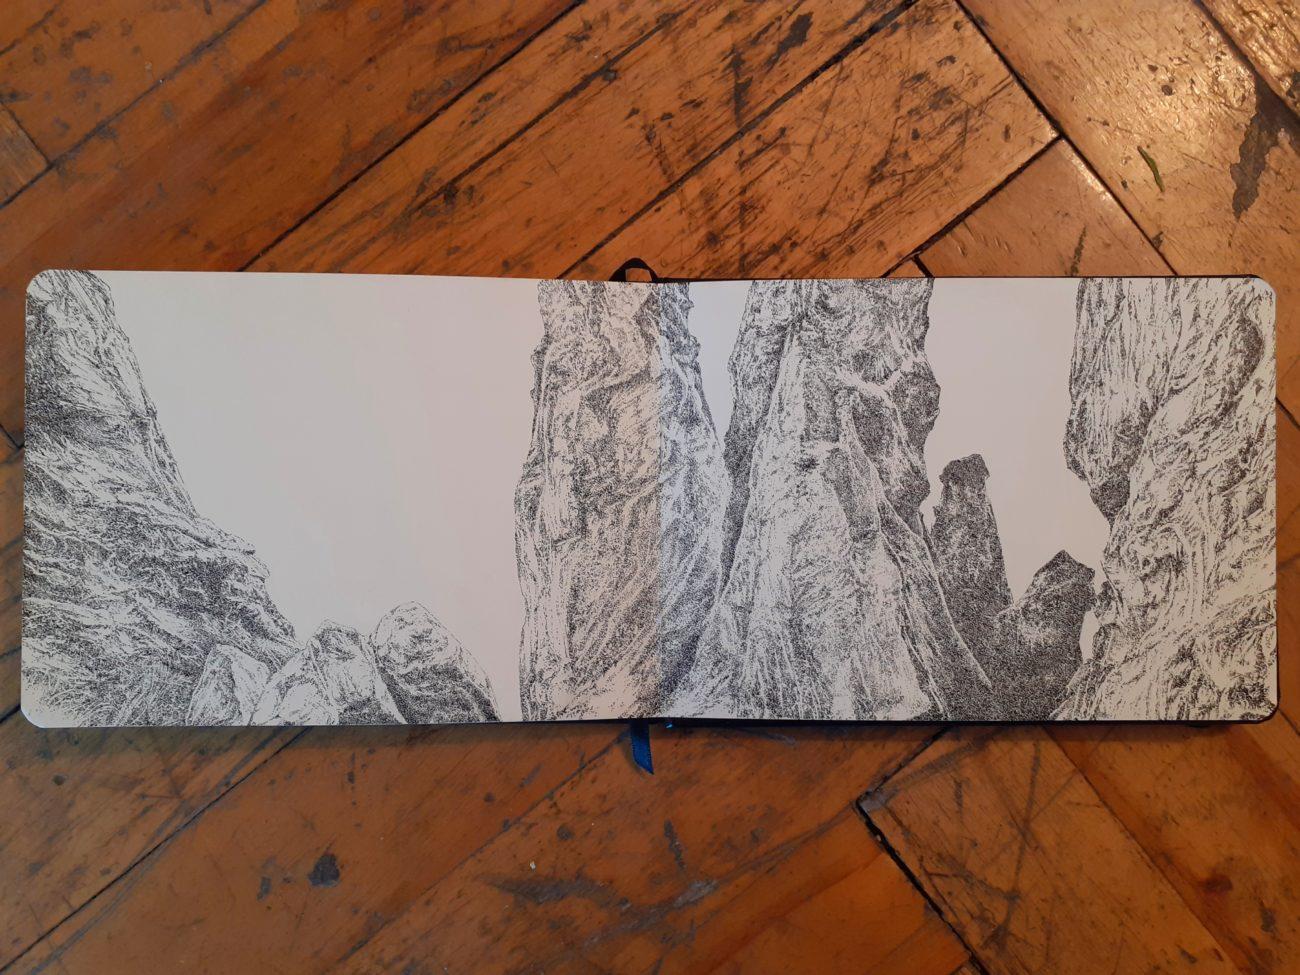 Goris, art, contemporaryart, artist, residency, armenia, ink, black, white, french, artist, Henninger emmanuel